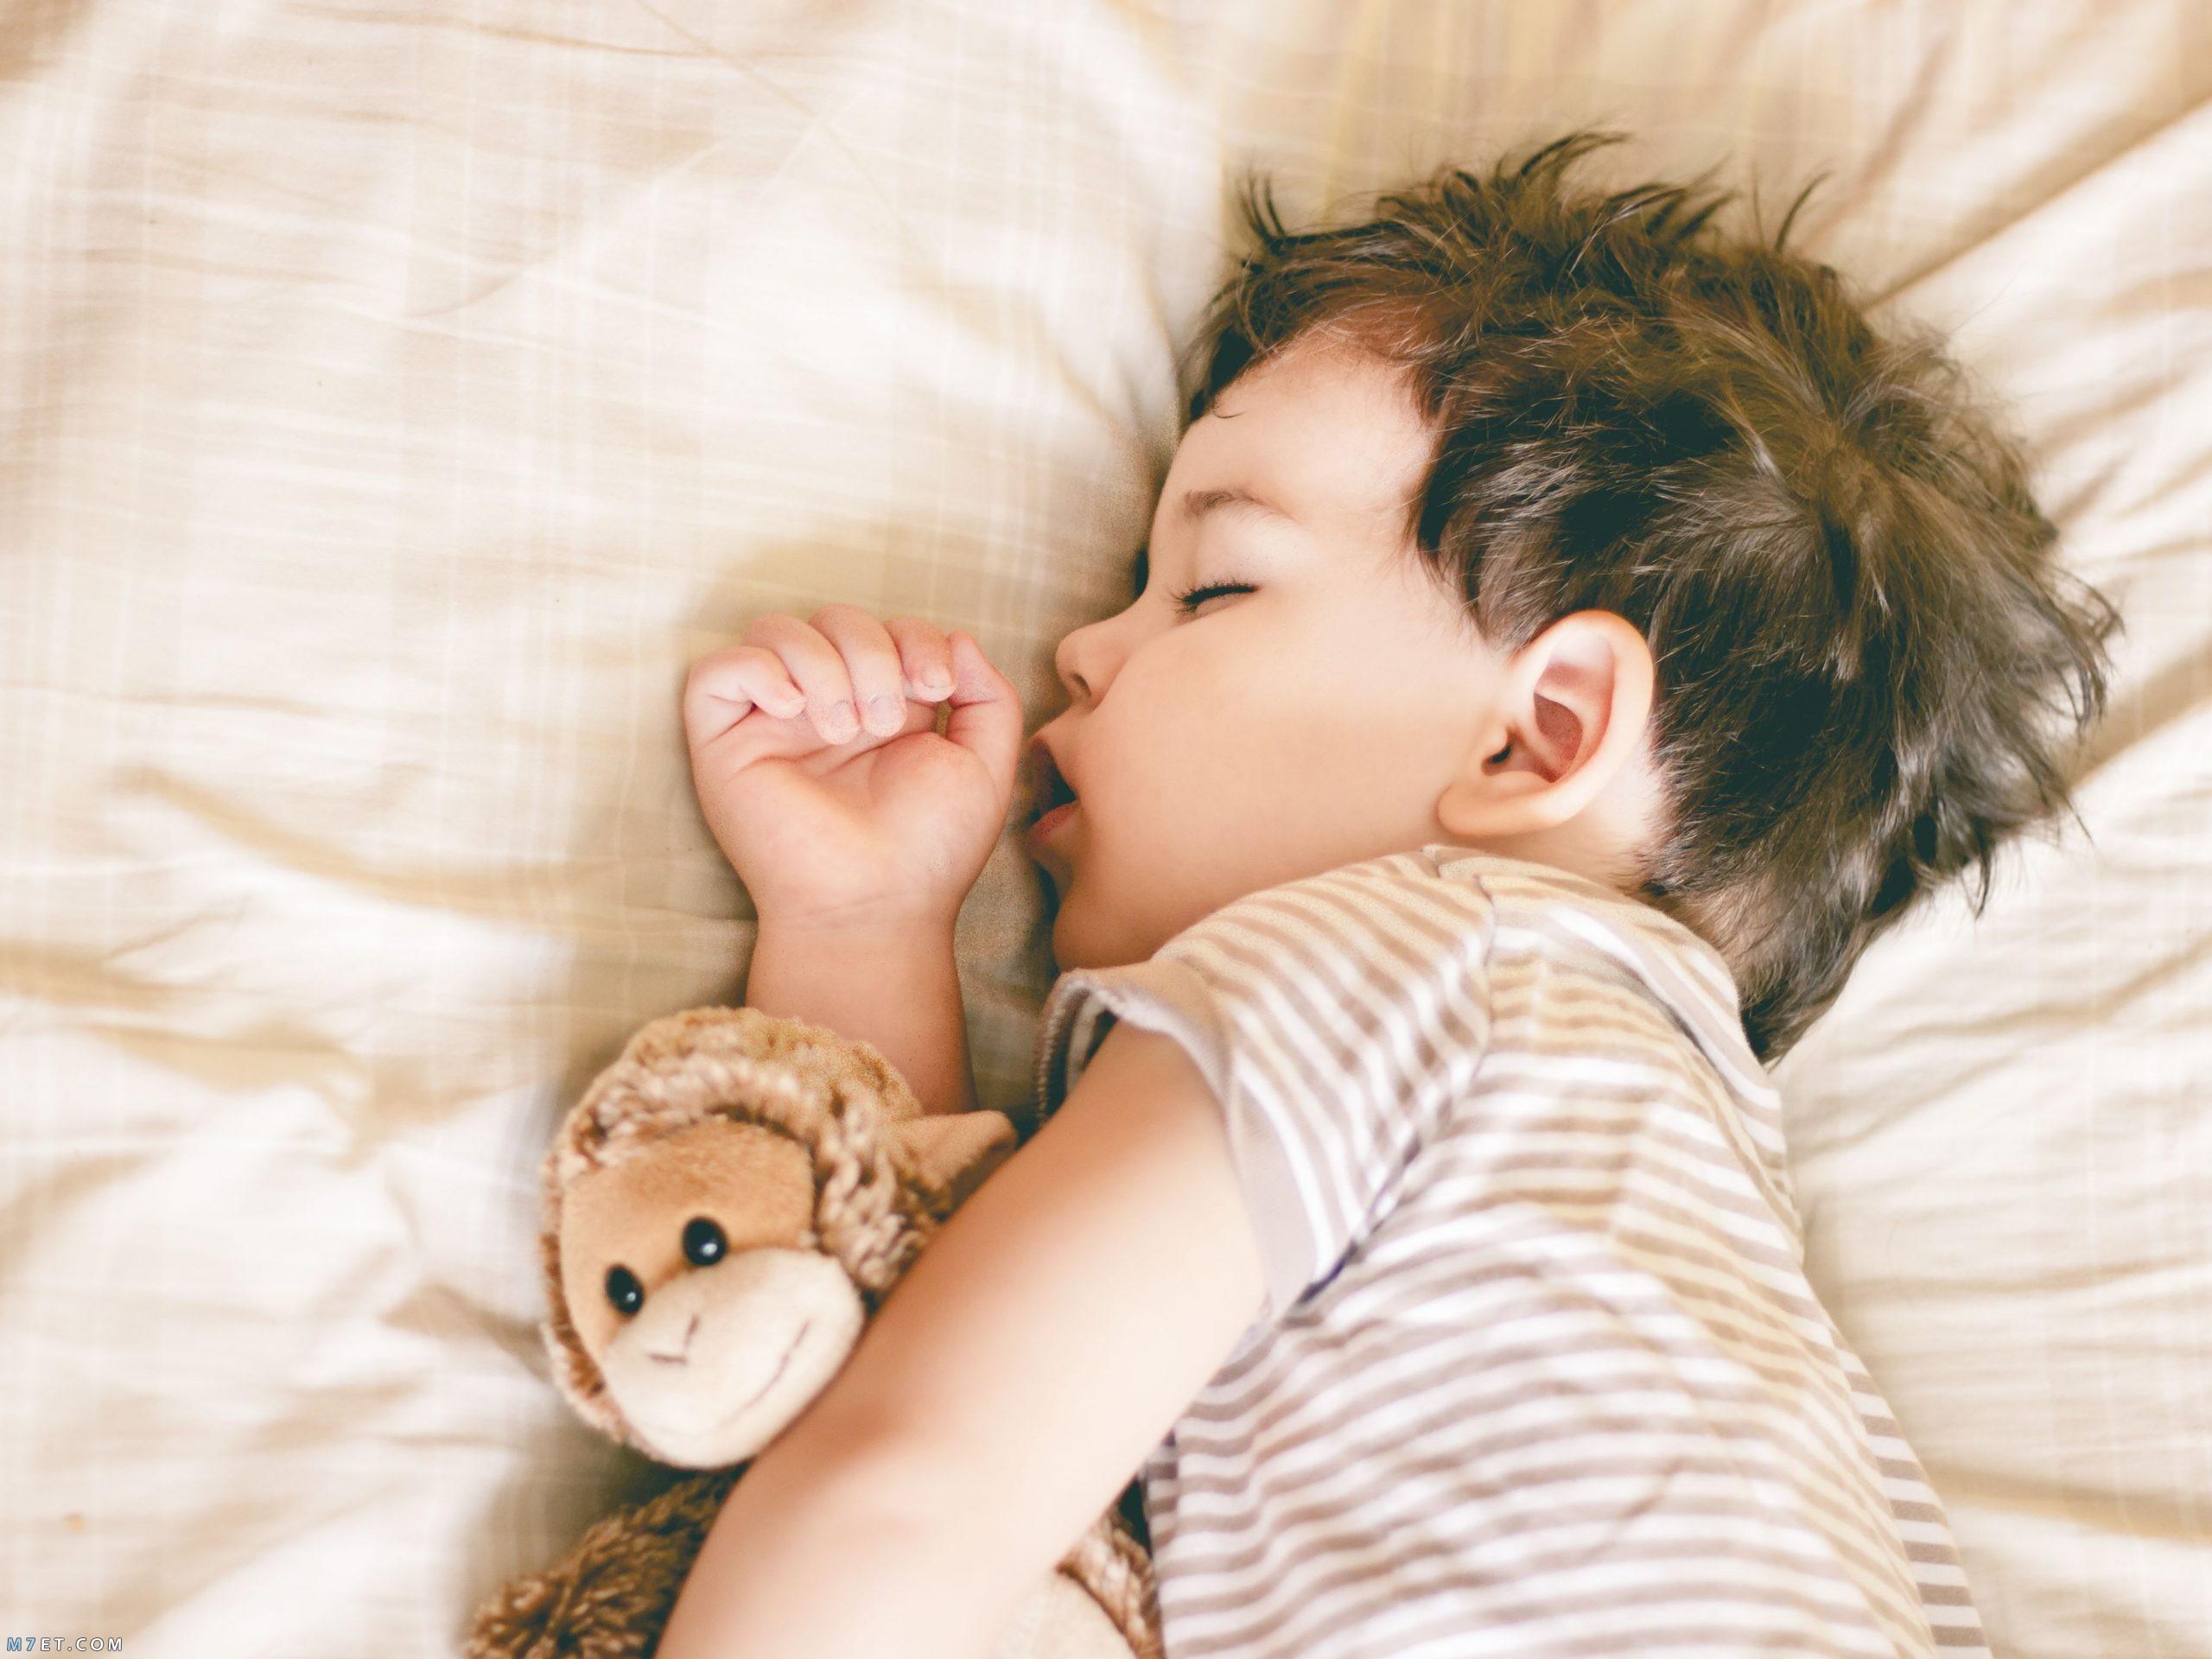 أسباب اضطرابات النوم عند الطفل2021